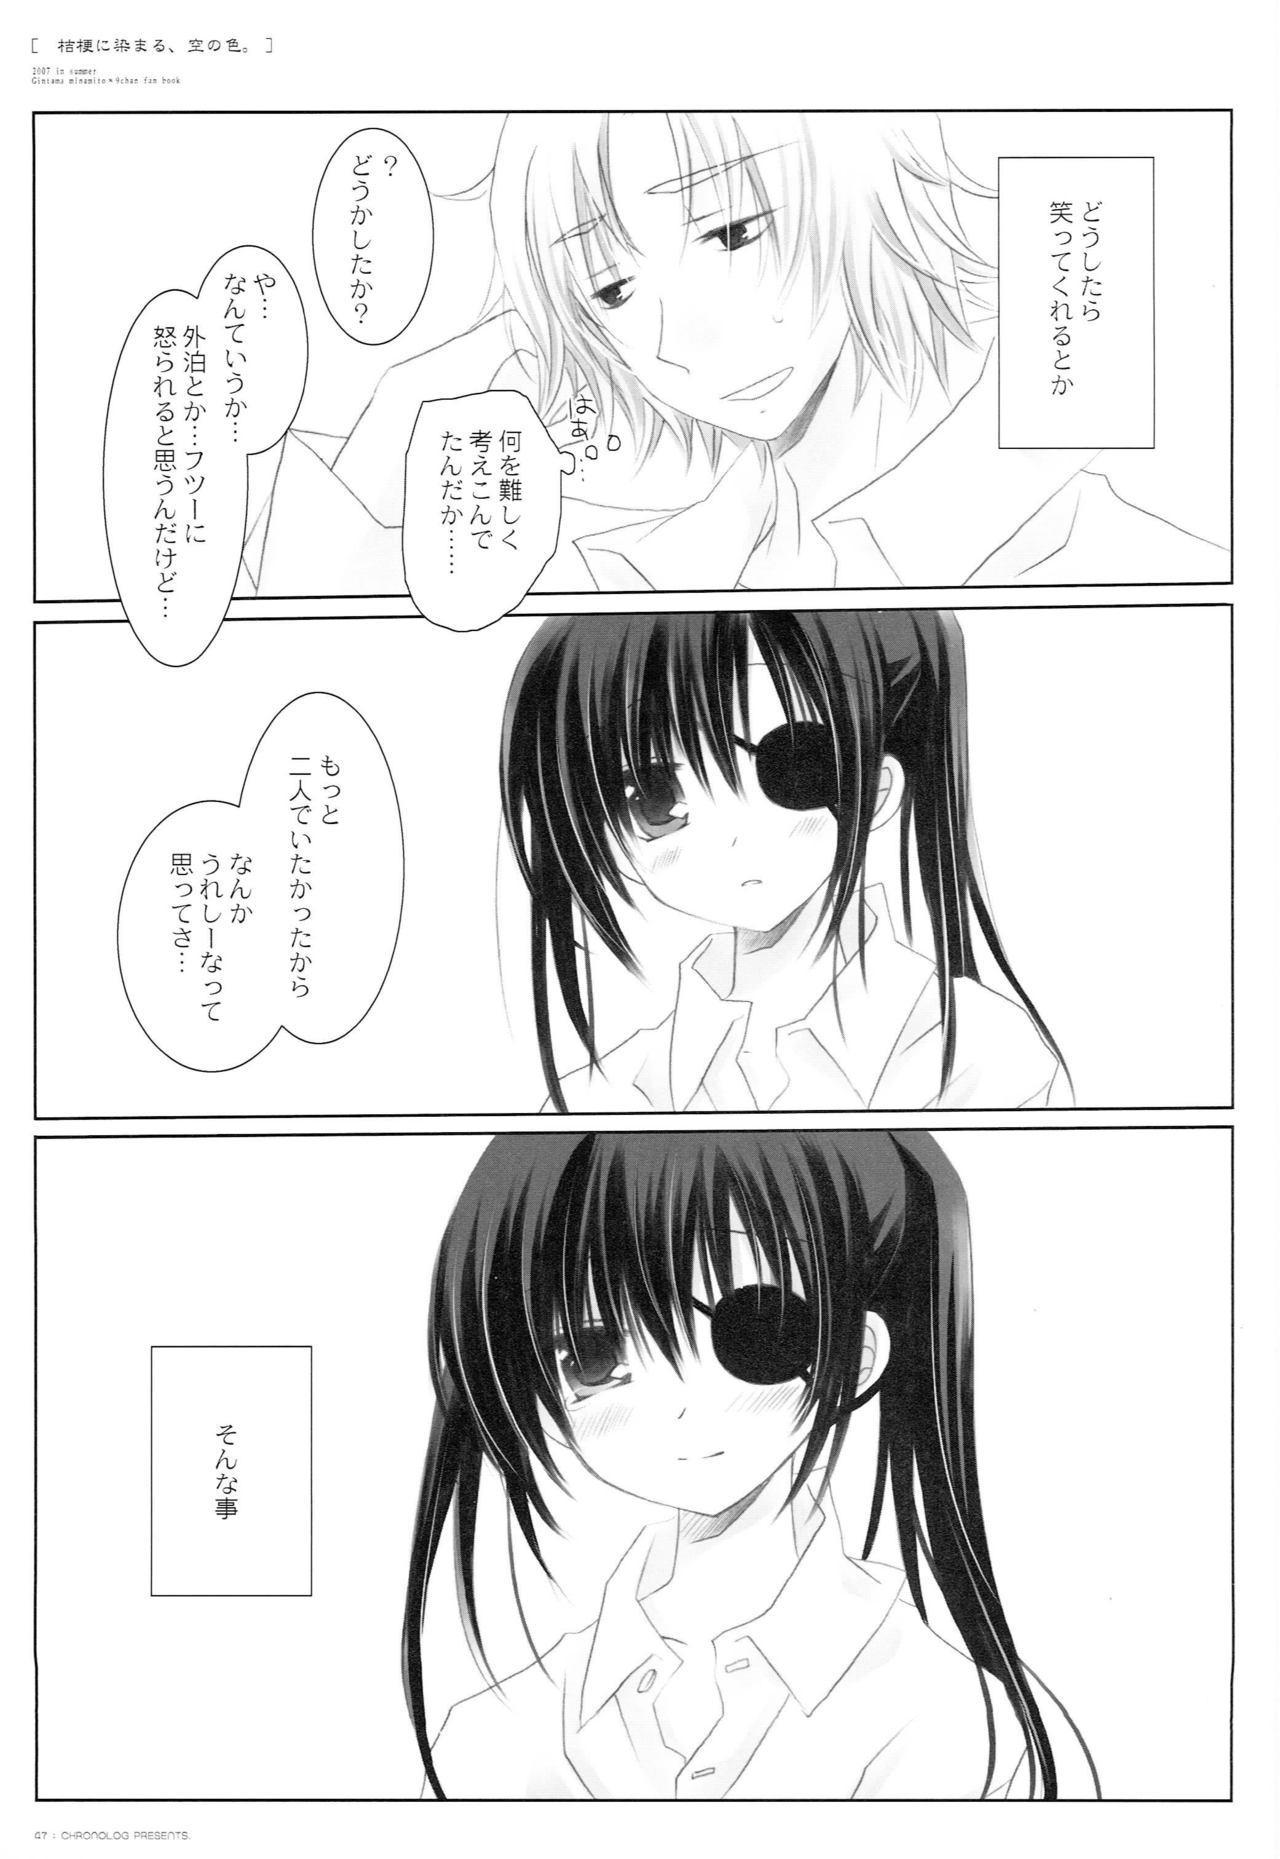 Kikyou ni Somaru Sora no Iro 45